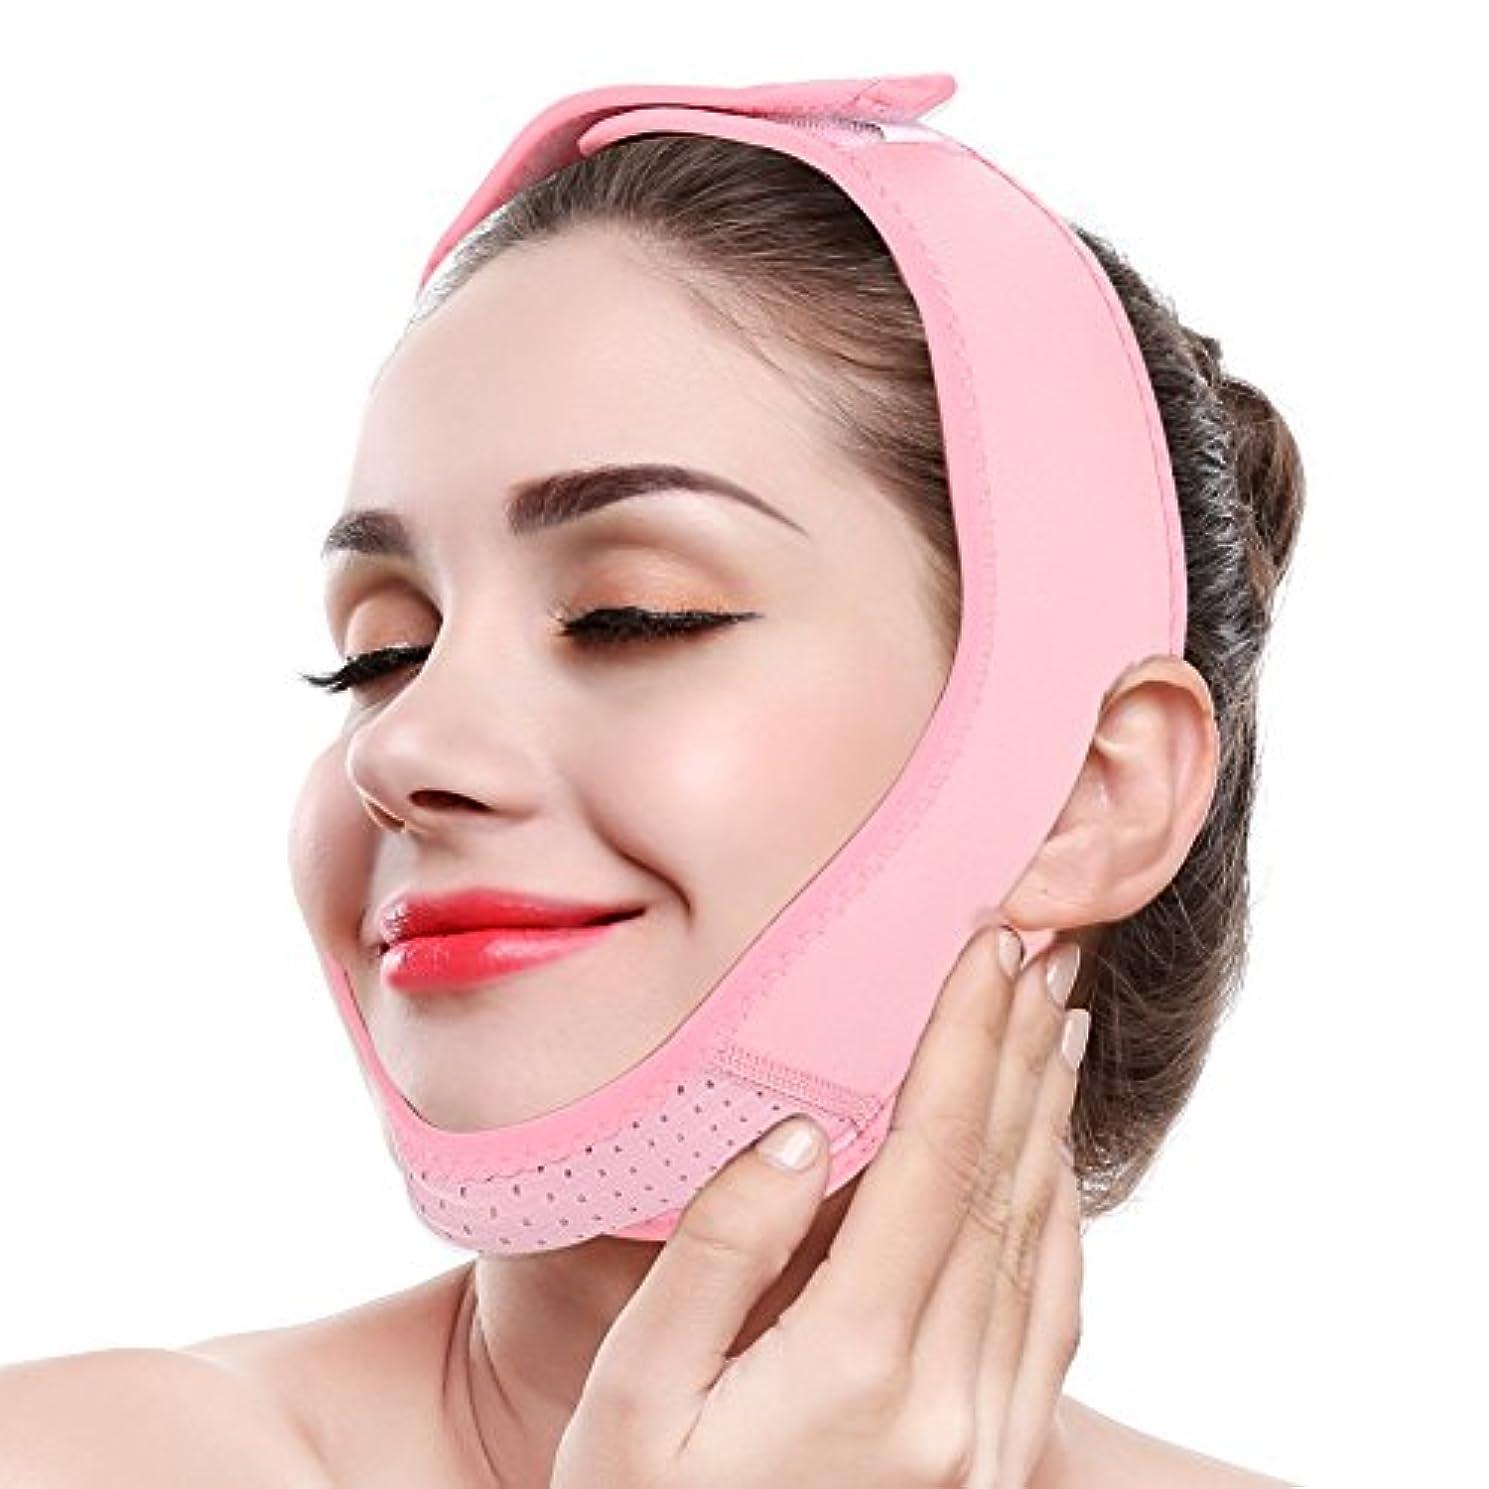 反対する闘争シャーロットブロンテFacial Lifting Slimming Belt, V Line Mask Neck Compression Double Chin Strap Weight Loss Belts Skin Care Chin...